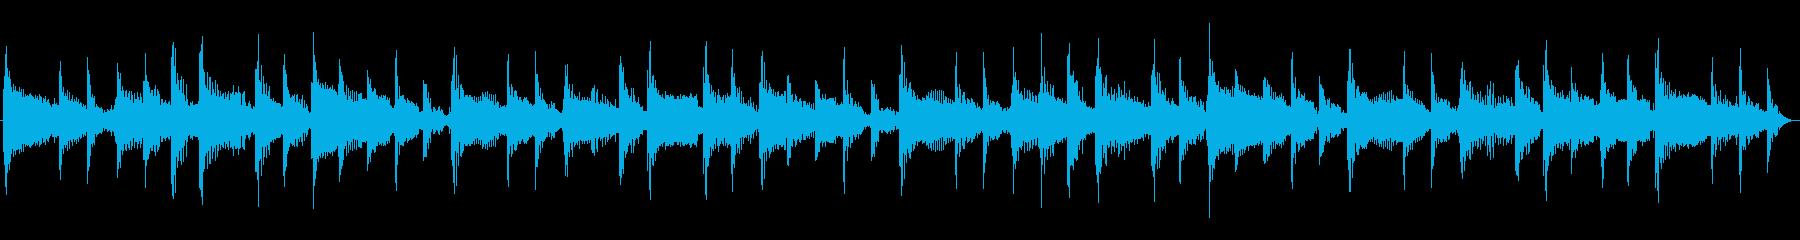 夏らしい爽やかなウクレレポップ【14秒】の再生済みの波形